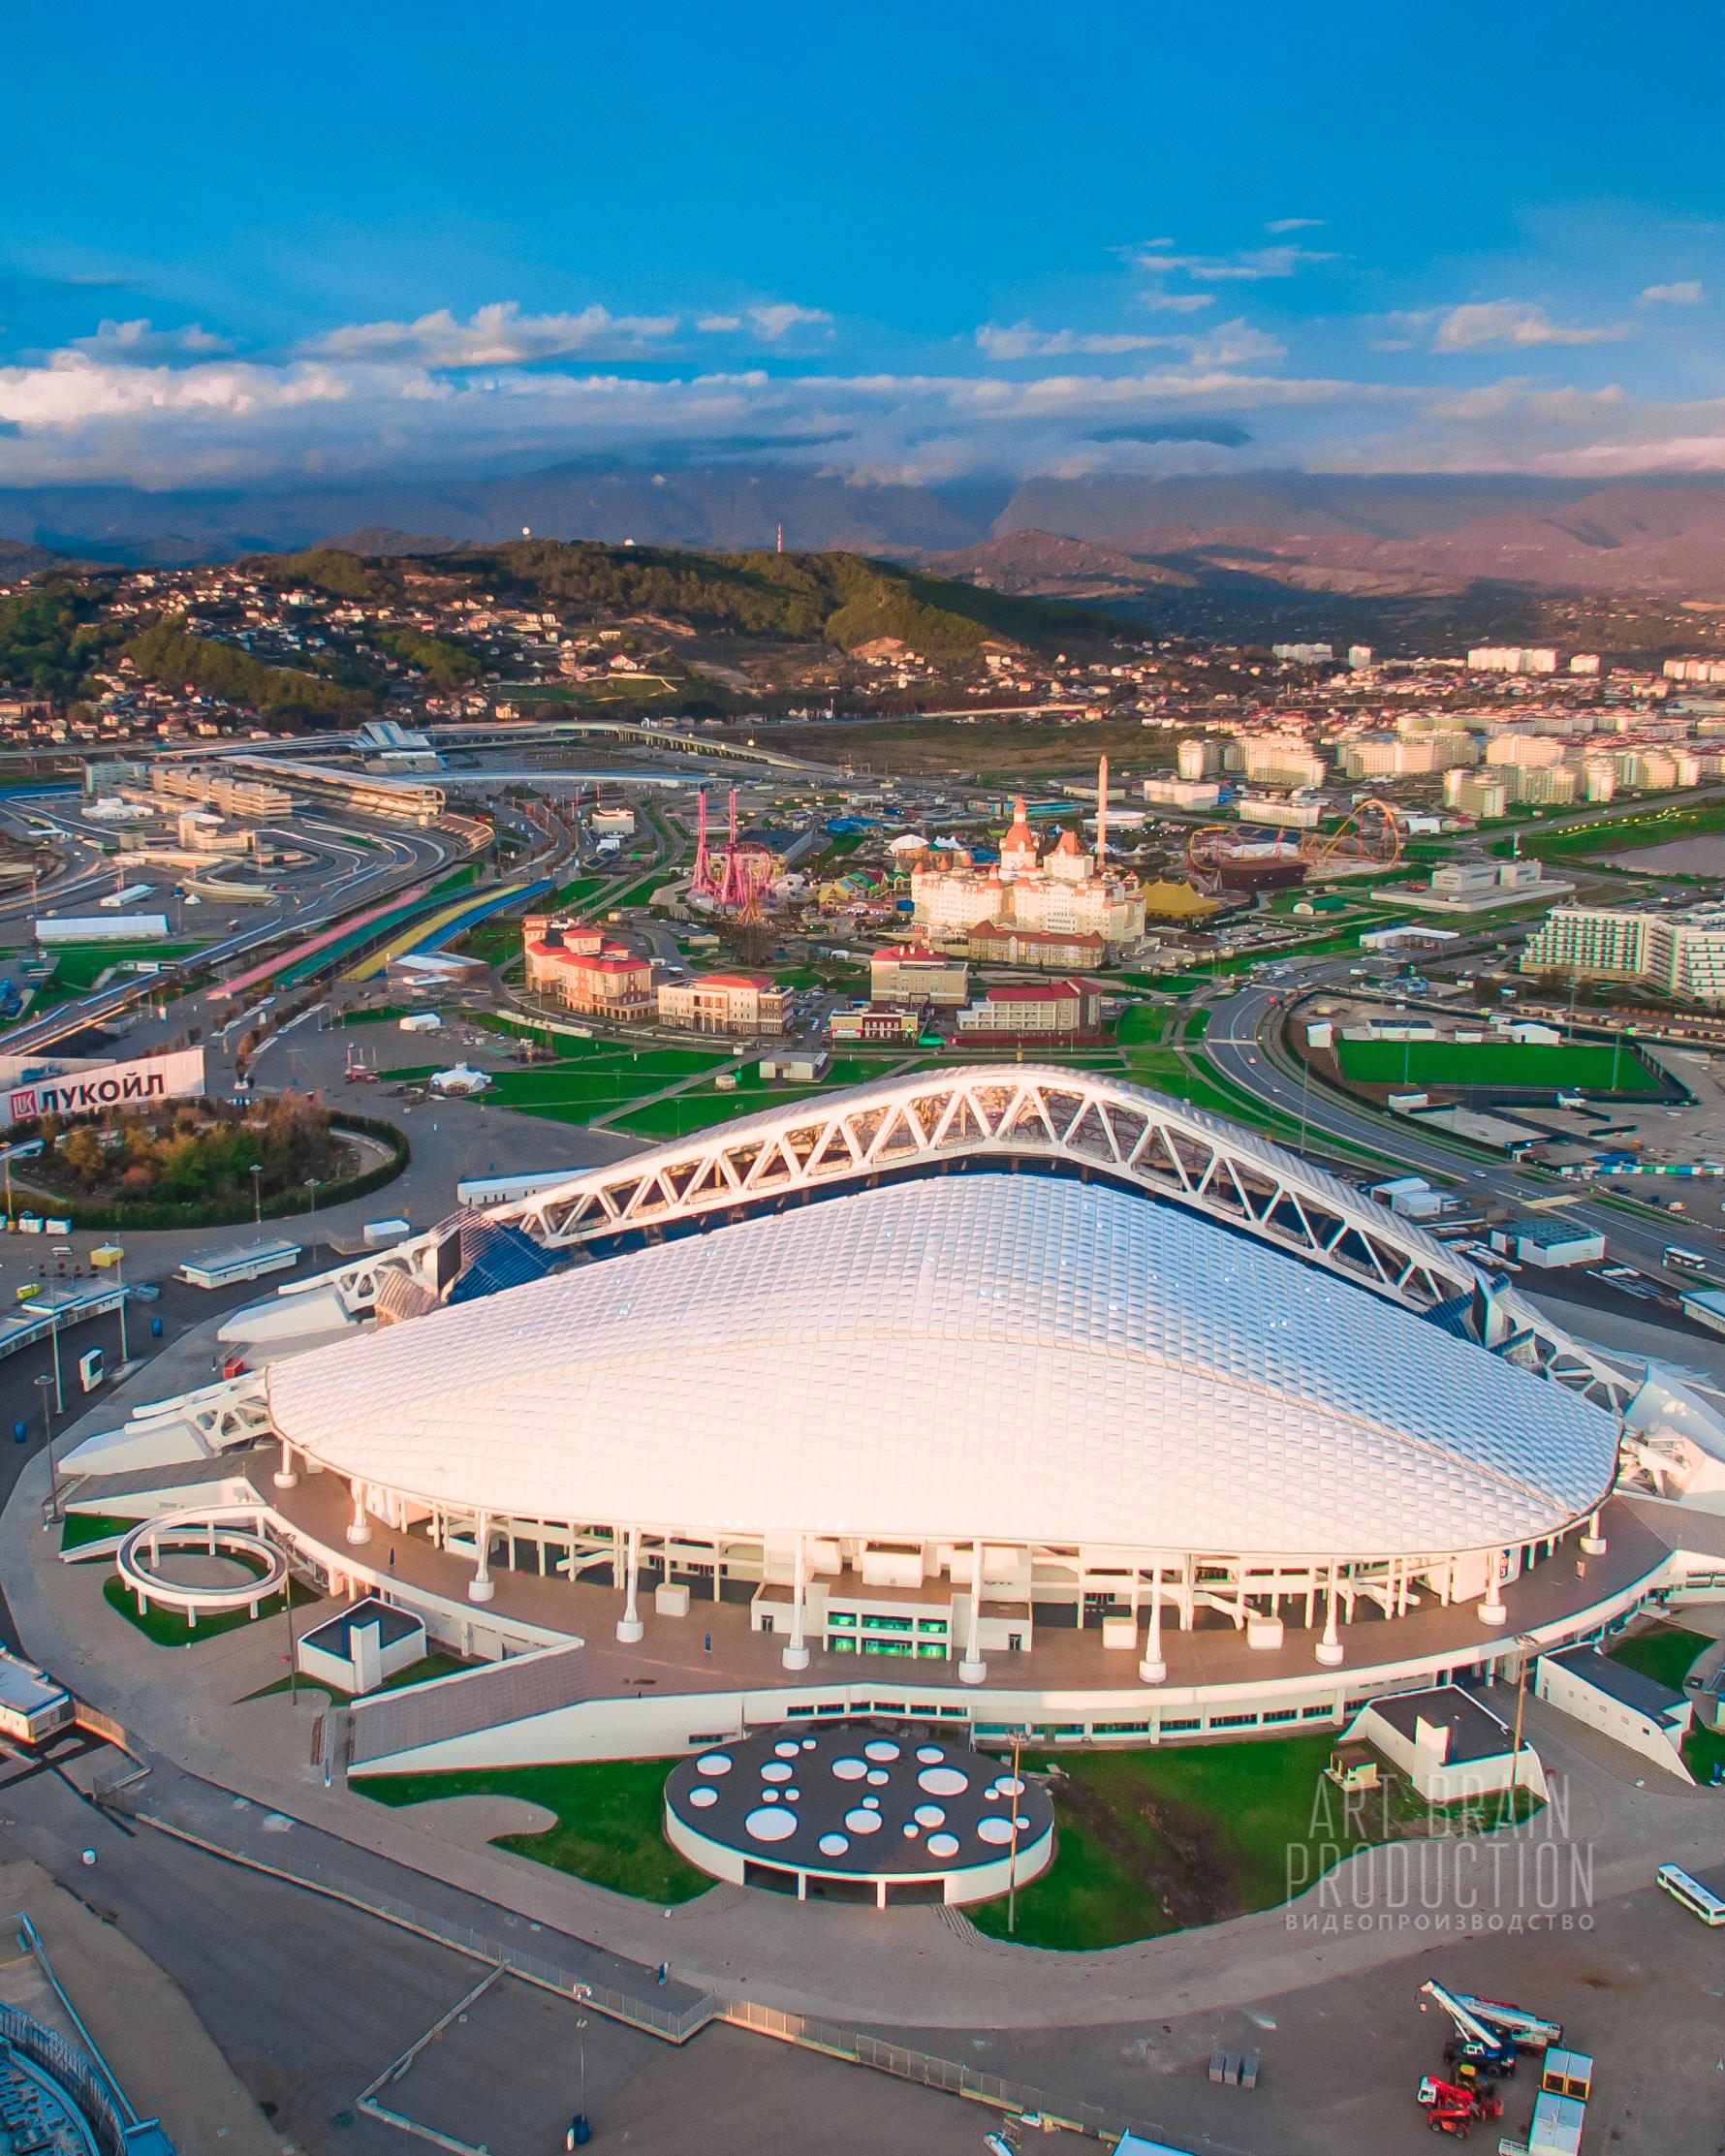 олимпийский парк сочи официальный сайт фото свадьбой бархатной